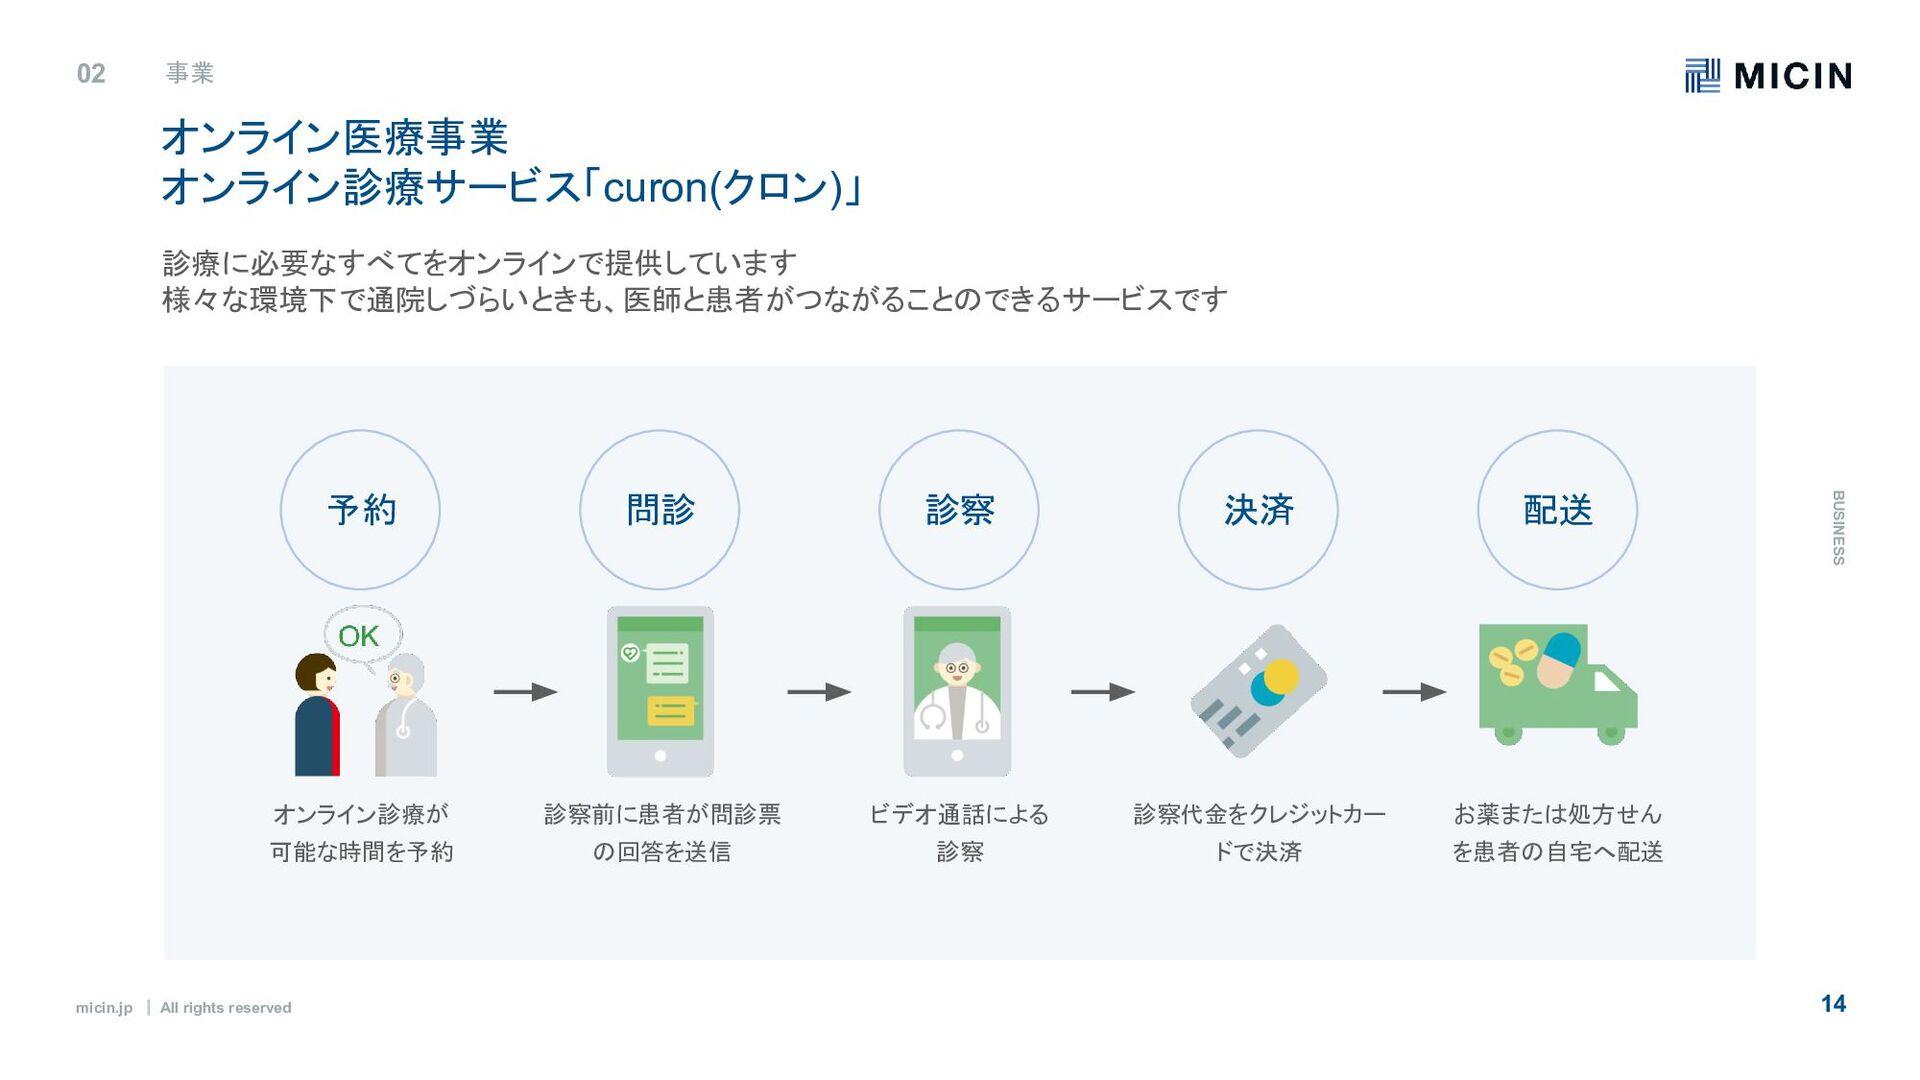 micin.jp ʛ All rights reserved 14 02 ۀ B U S I...